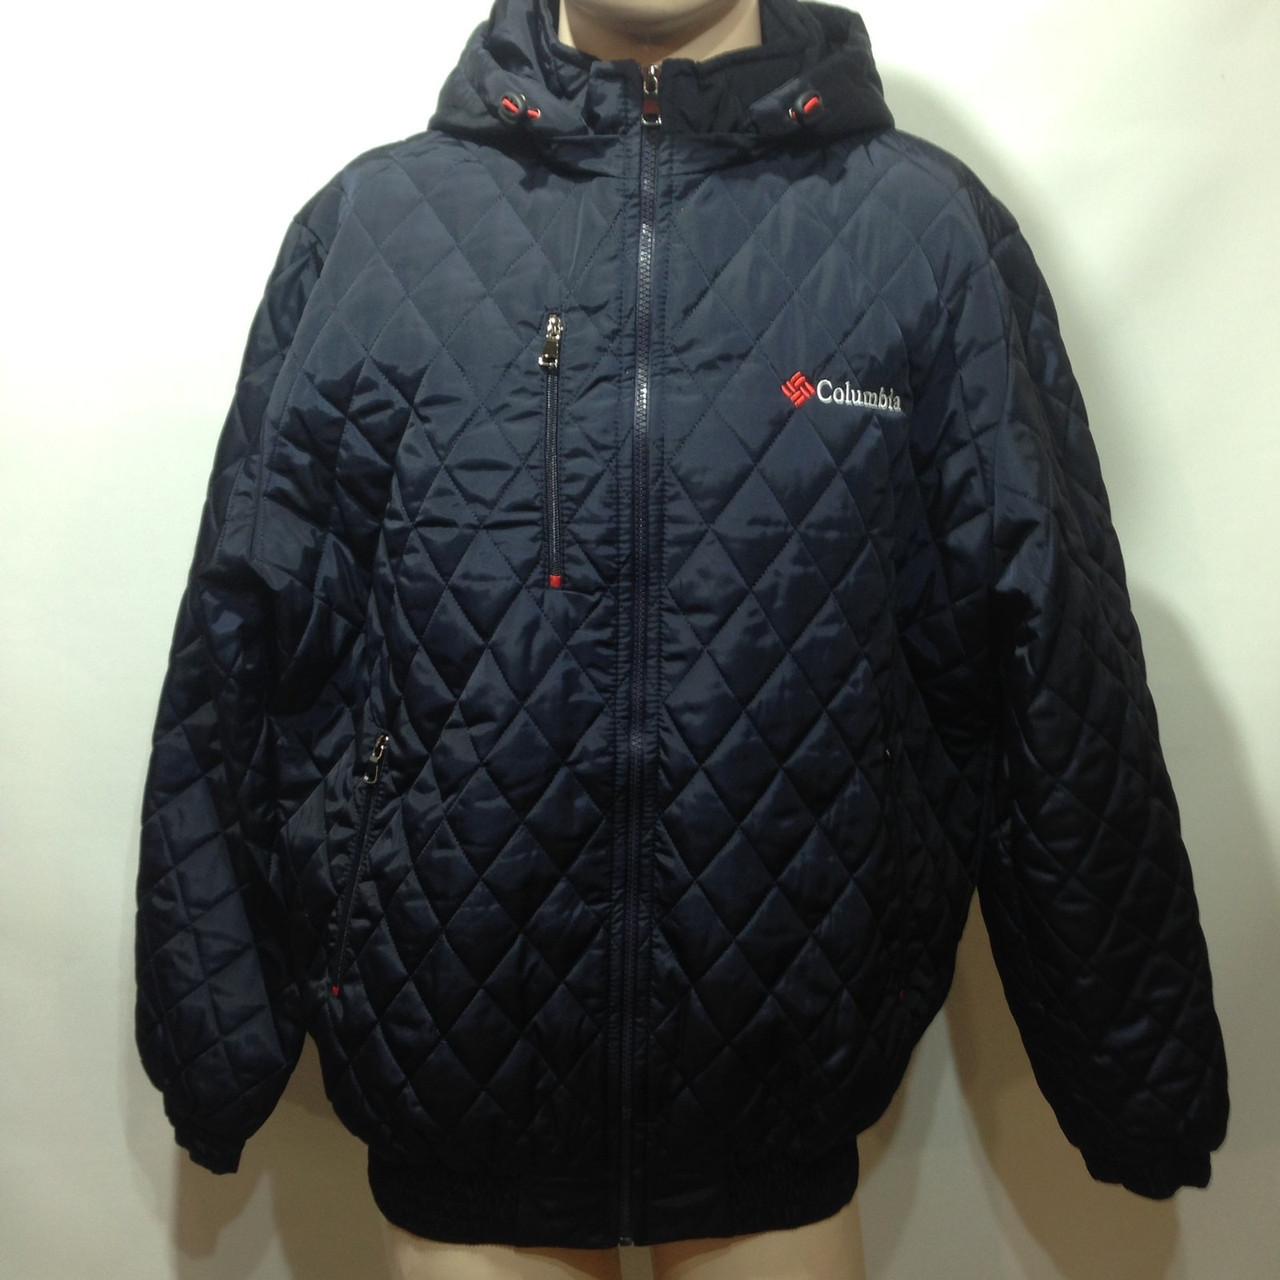 Мужская осенняя, демисезонная куртка (Больших размеров) 66 р. последний размер